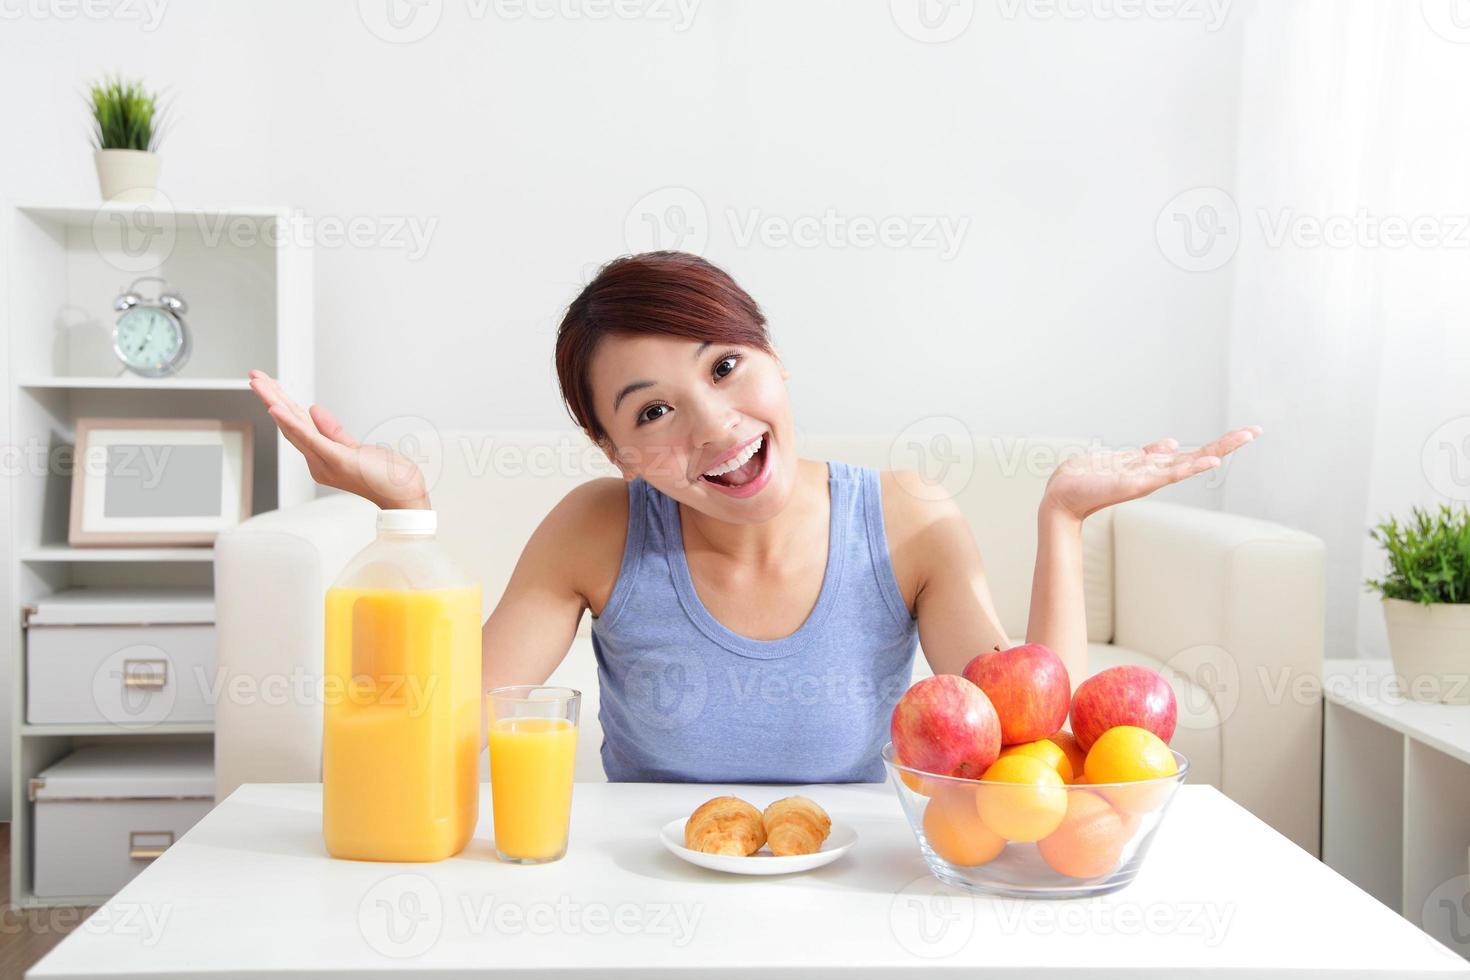 femme joyeuse, boire un jus d'orange photo